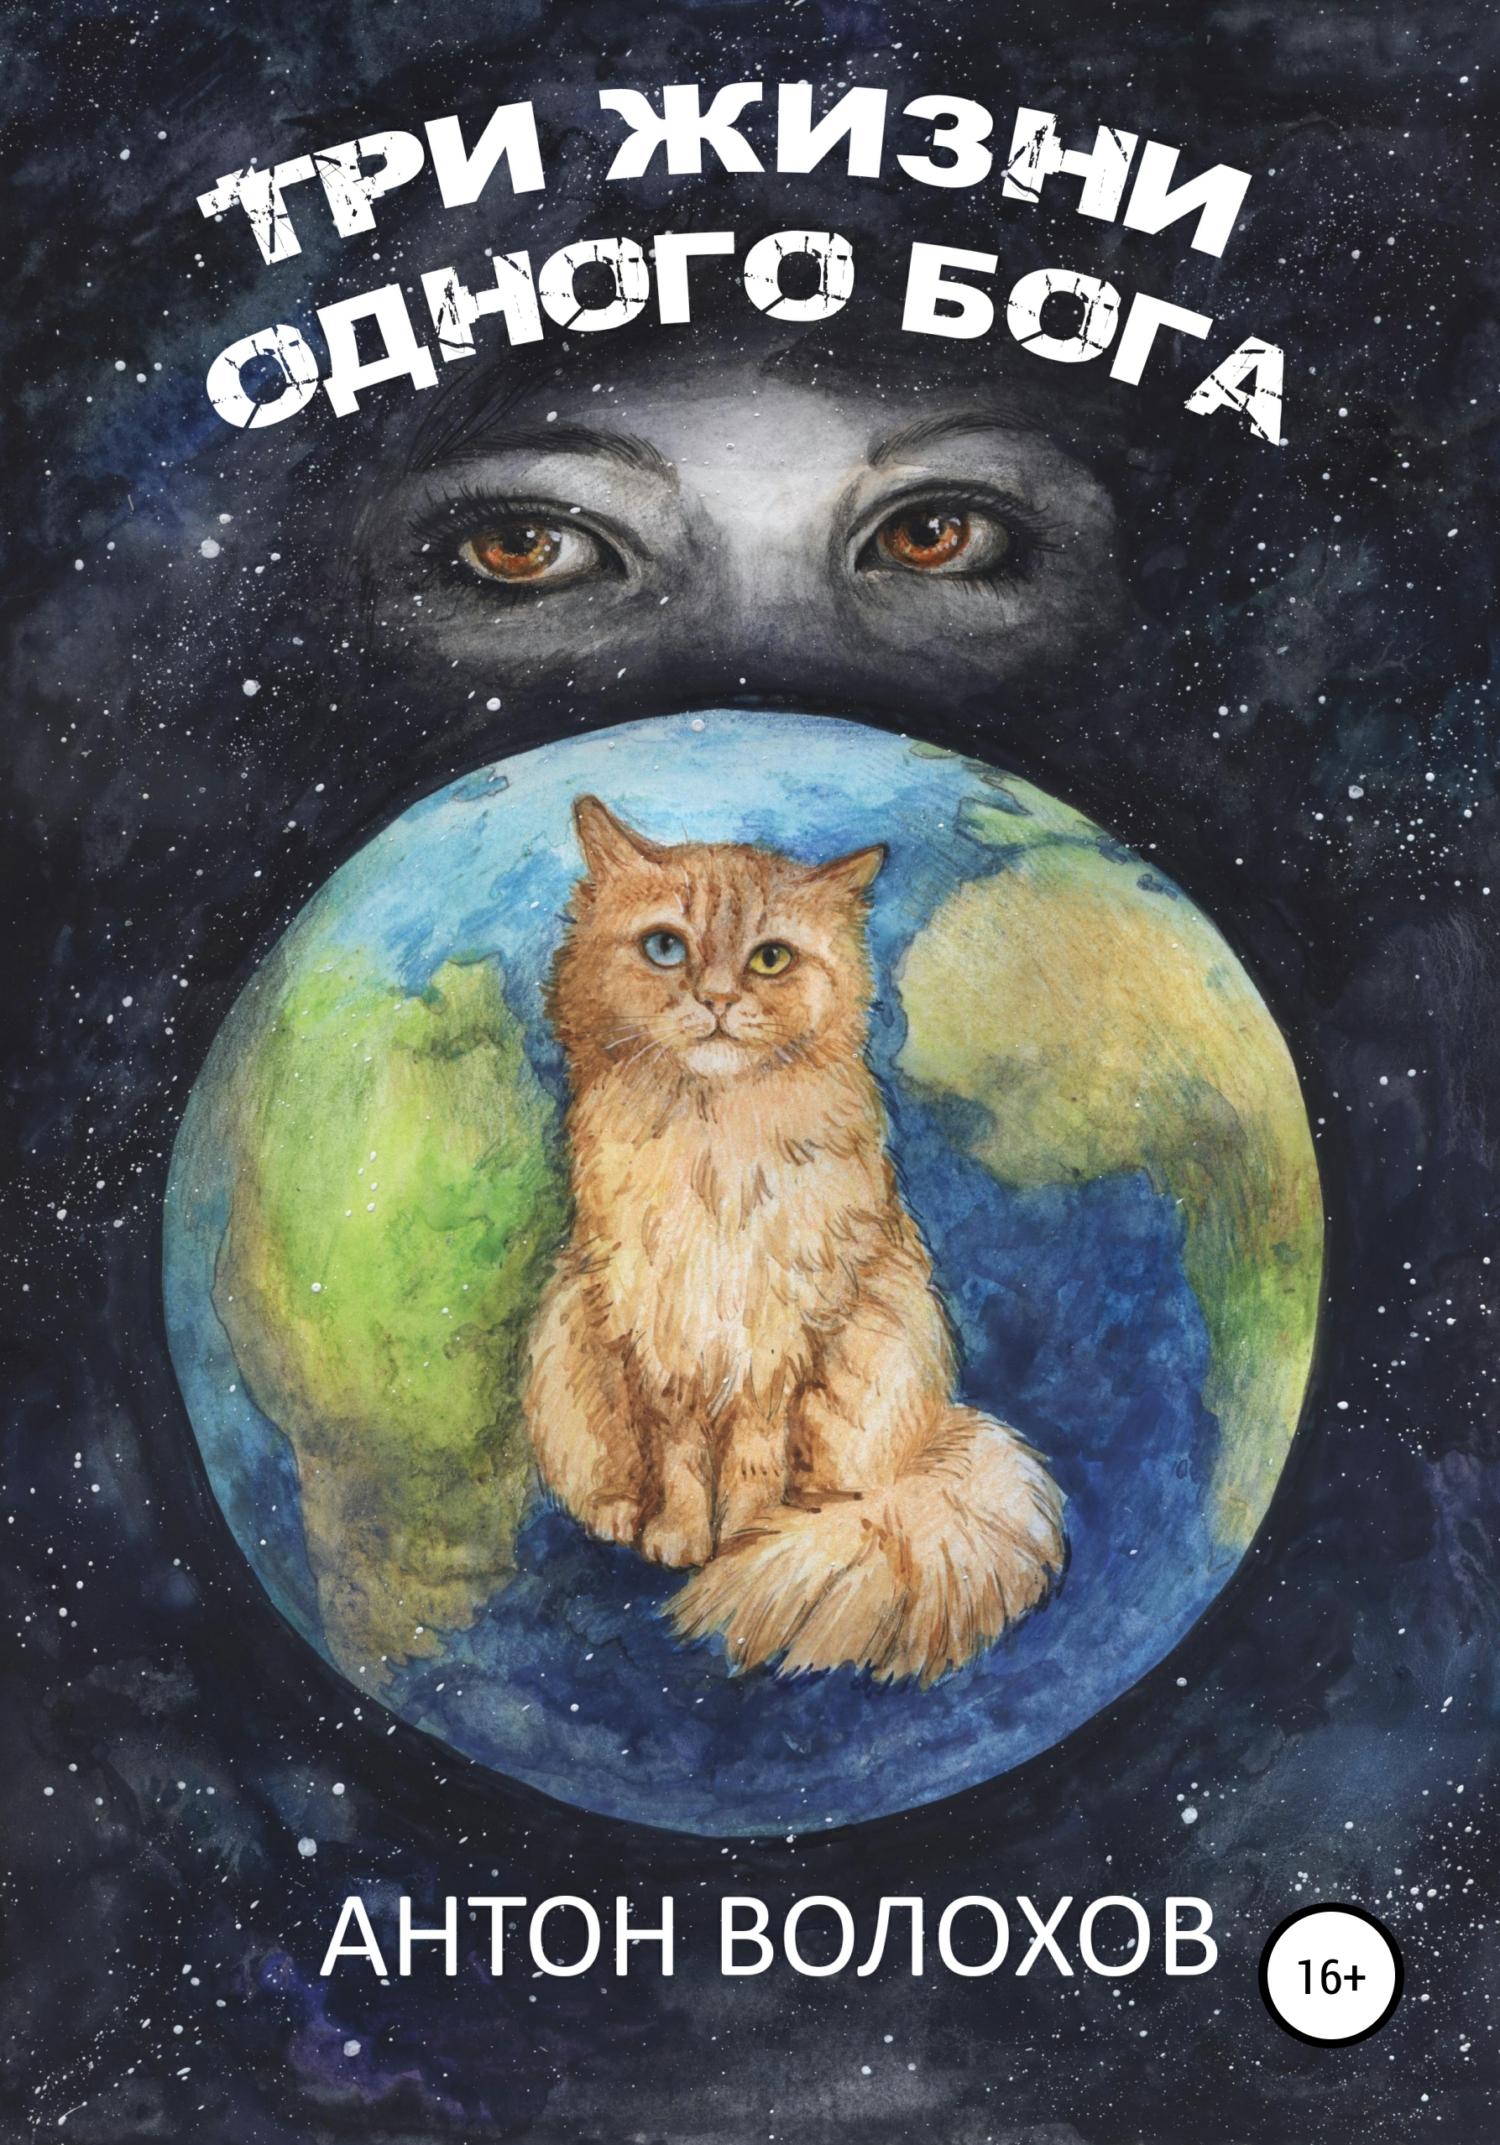 Купить книгу Три жизни одного Бога, автора Антона Николаевича Волохова